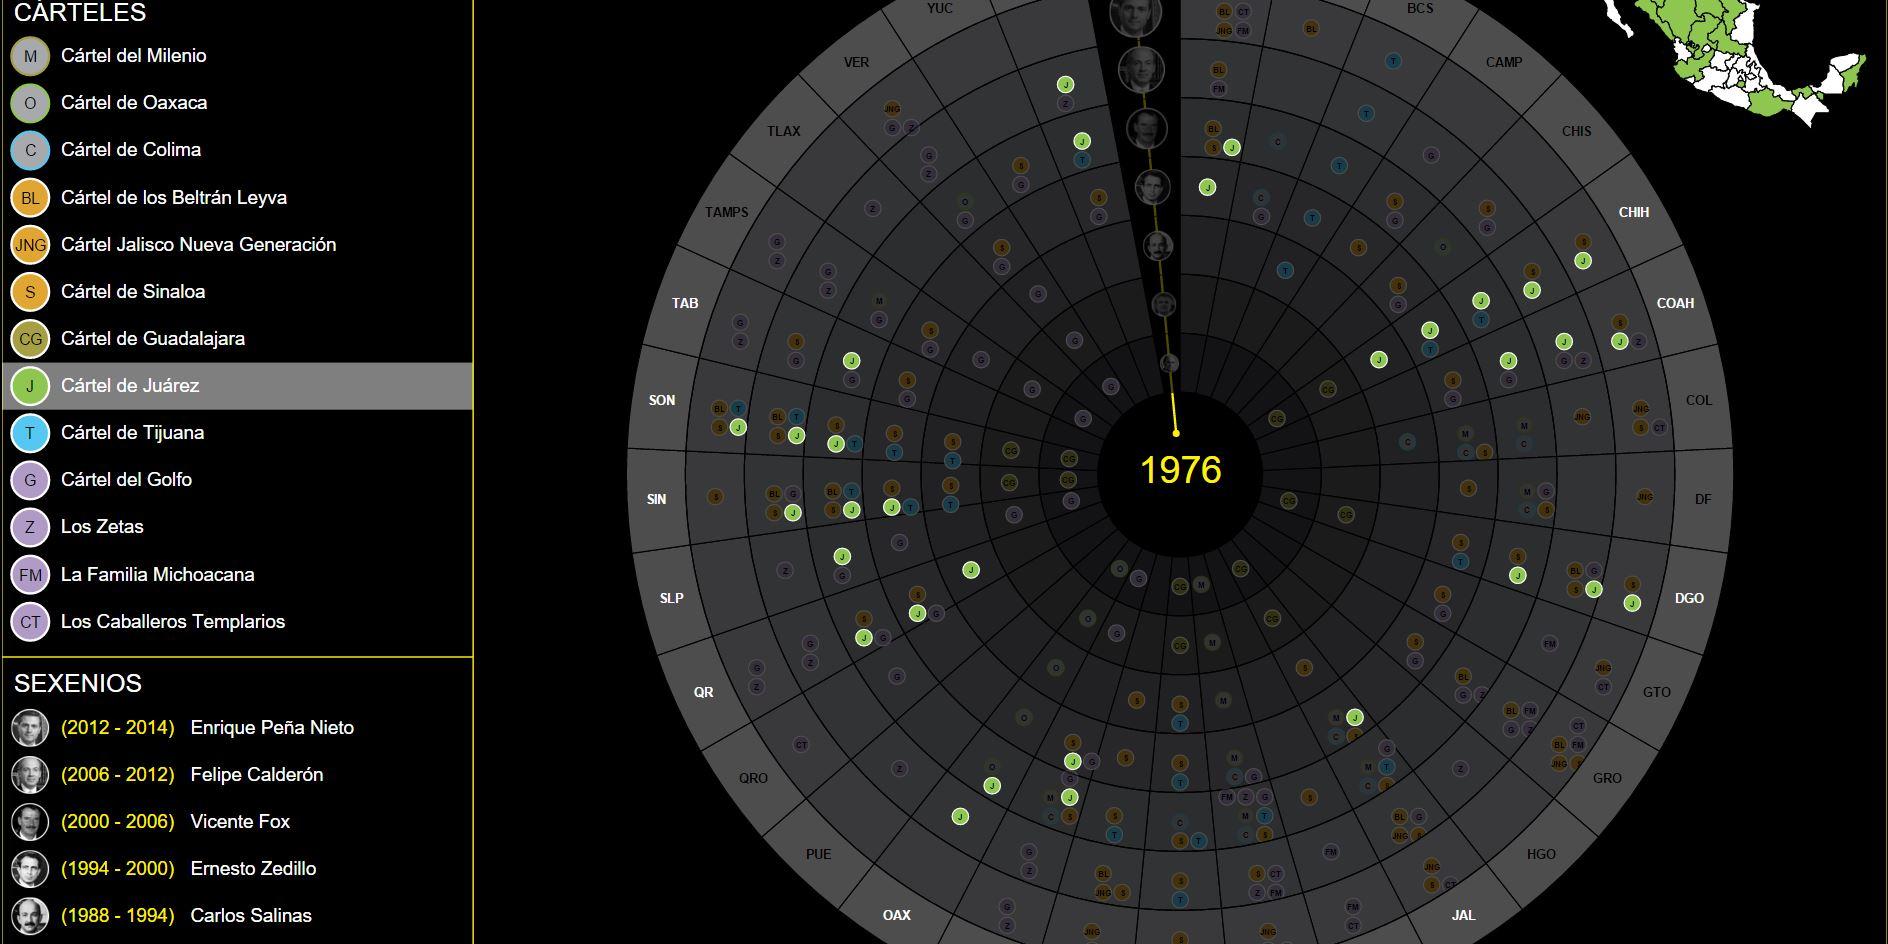 Narcodata ist eine Plattform zum Thema Drogenkartelle in Mexiko. Sie vereint mehrere Informationsquellen. Eine interaktive Infografik verdeutlicht die Zusammenhänge und Entwicklung der Drogenkartelle in Mexiko seit 1976. Die Namen der Kartelle, die Amtszeiten der Präsidenten und die betroffenen Regionen können zusammen auf einen Blick erfasst werden.